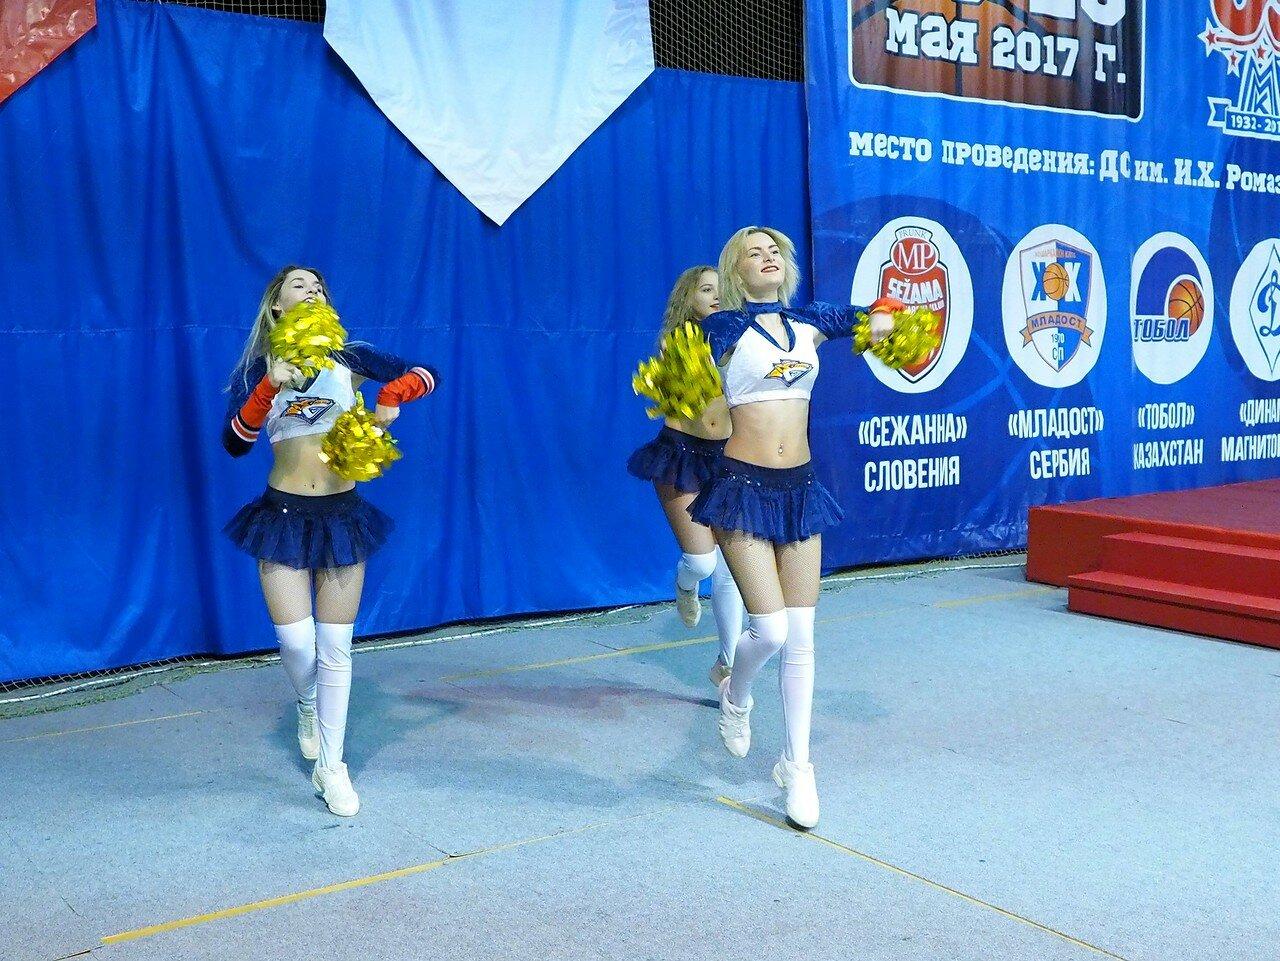 5 Младост - Динамо 28.05.2017